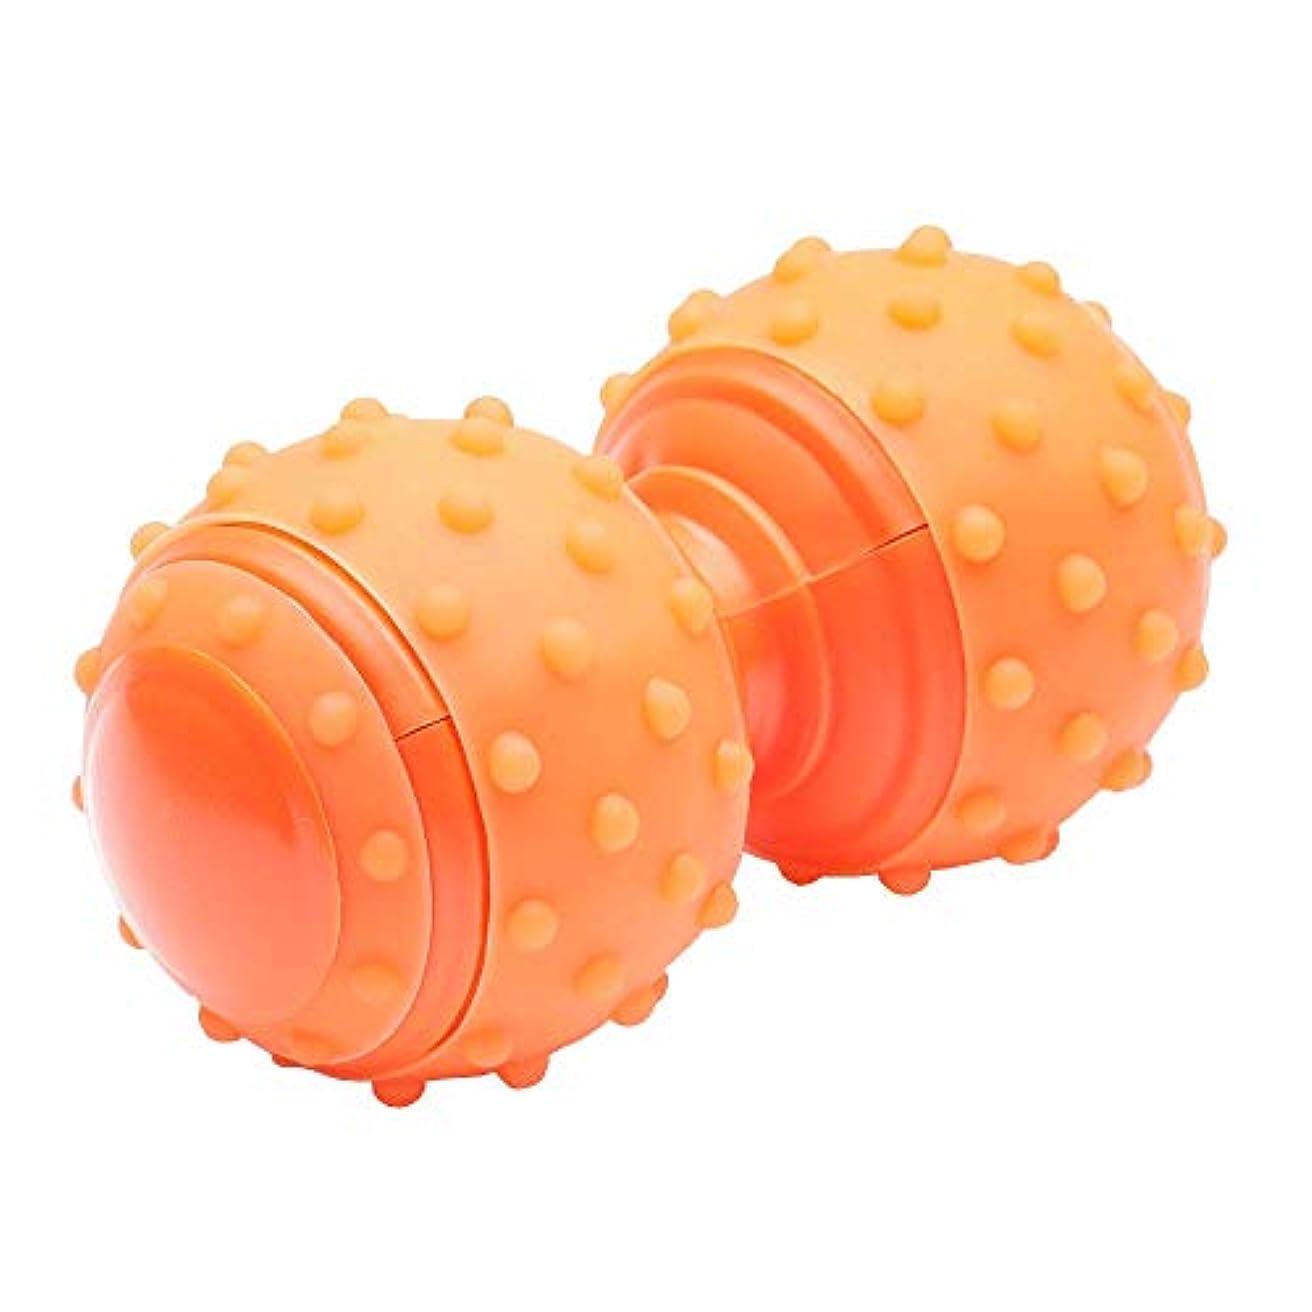 フルートドックトーストMitasakaIs マッサージボール トリガーポイント 筋膜リリース 肩 肩甲骨 背中 ストレッチ ボール ツボ押し オレンジ